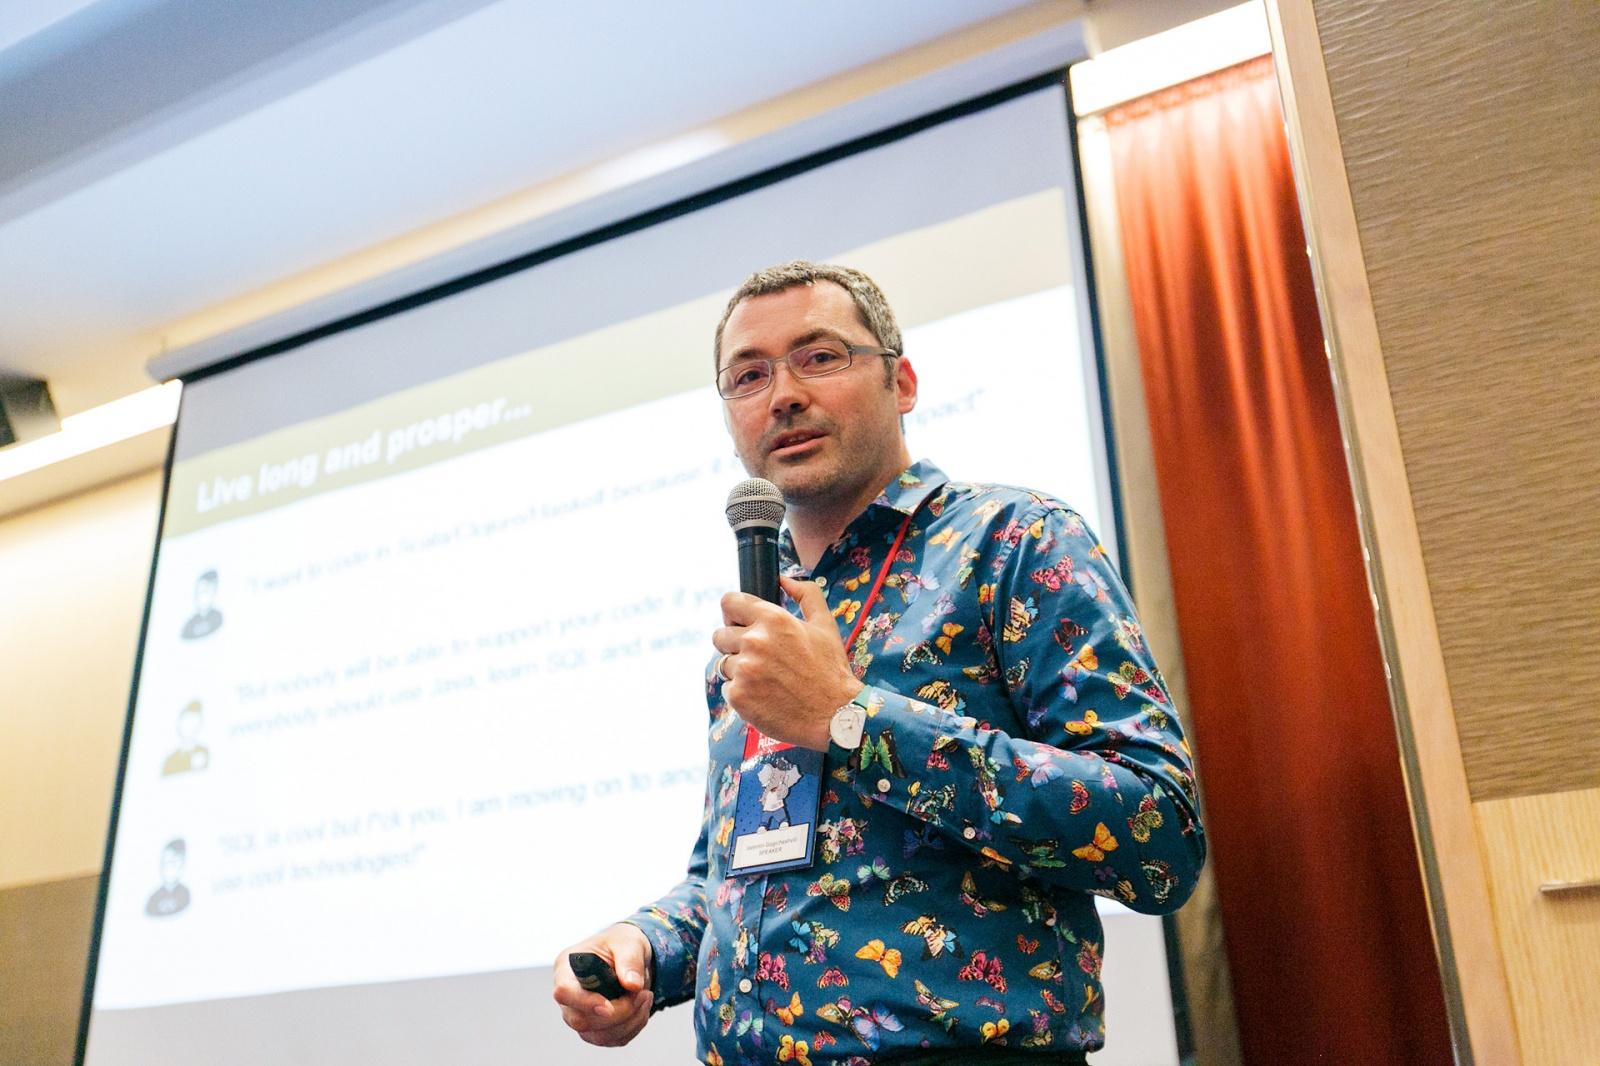 Зеленый свет разработчикам — oт стартапа к звездам. Валентин Гогичашвили - 2